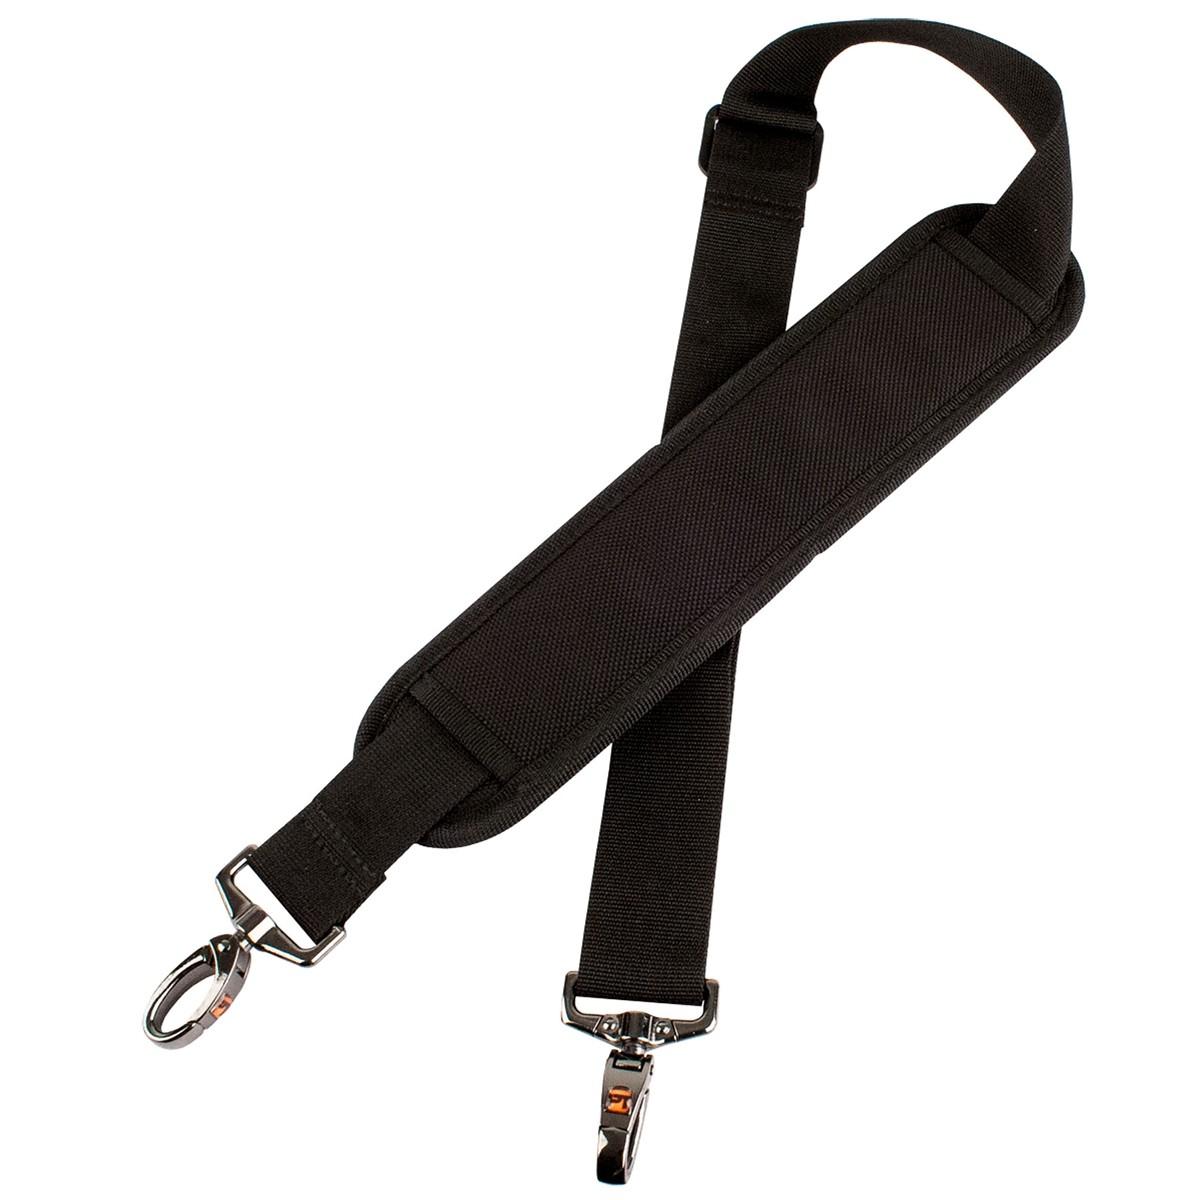 Protec Padded Shoulder Strap (SHSTRAP)